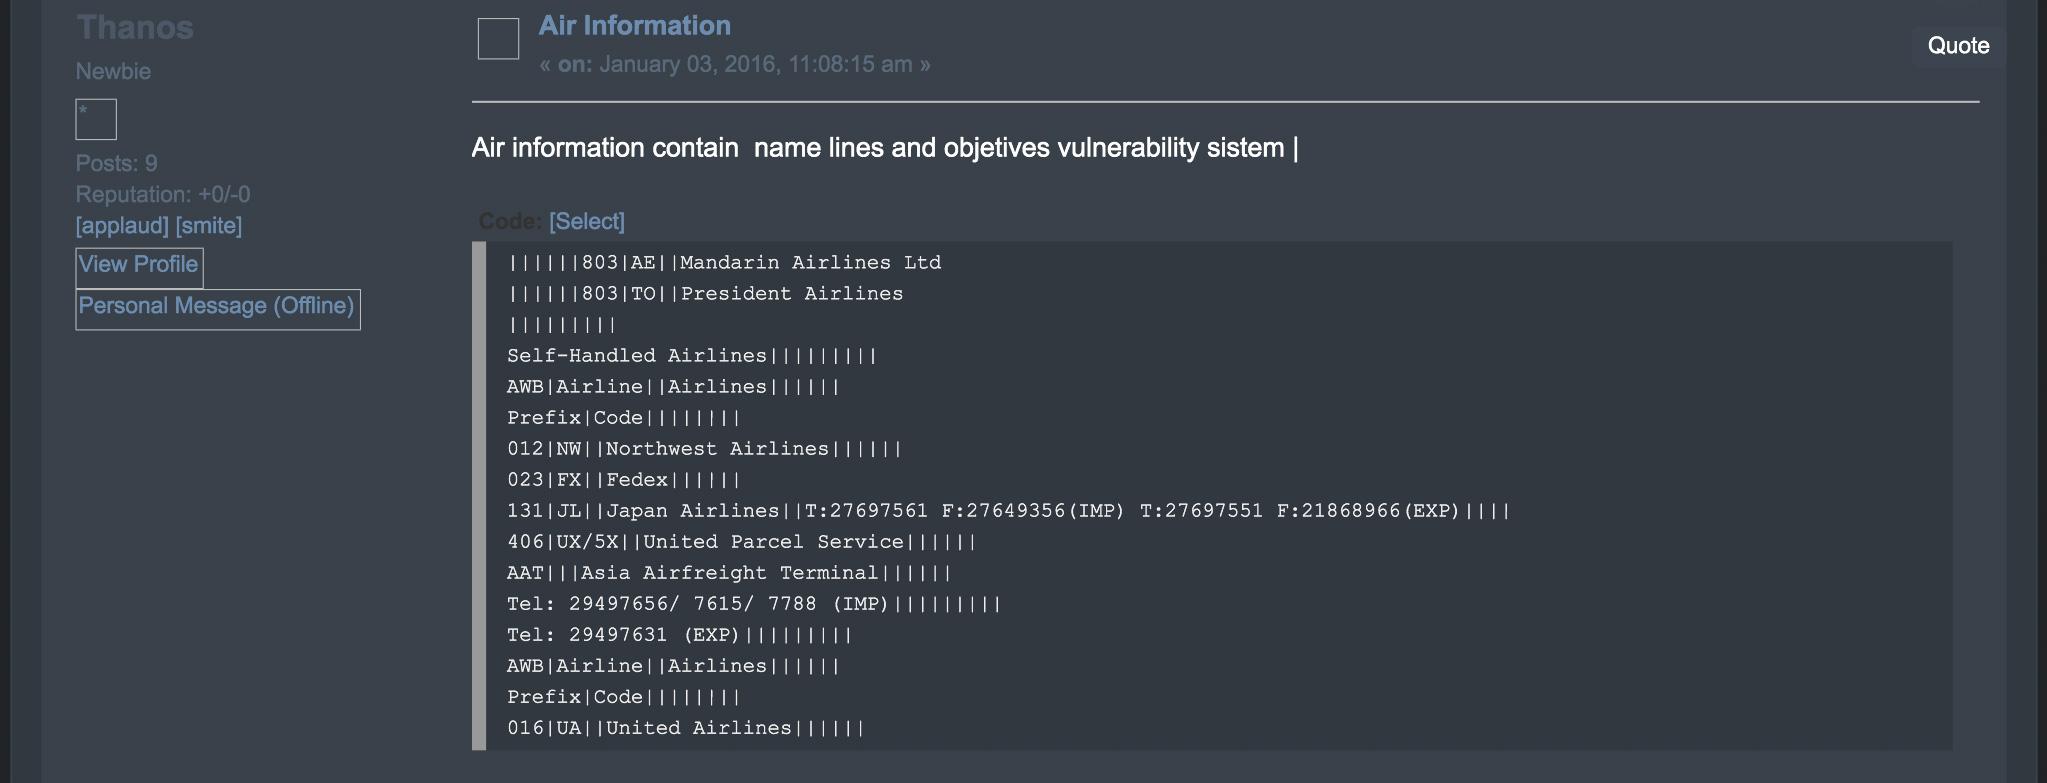 Trong ảnh chụp màn hình này, nhóm tội phạm mạng đăng thông tin quảng cáo các lỗ hổng bảo mật trong hệ thống máy tính của các hãng hàng không lớn trên thị trường chợ đen trực tuyến vào ngày 3/1/2016. (Ảnh: Screenshot courtesy of Ed Alexander)